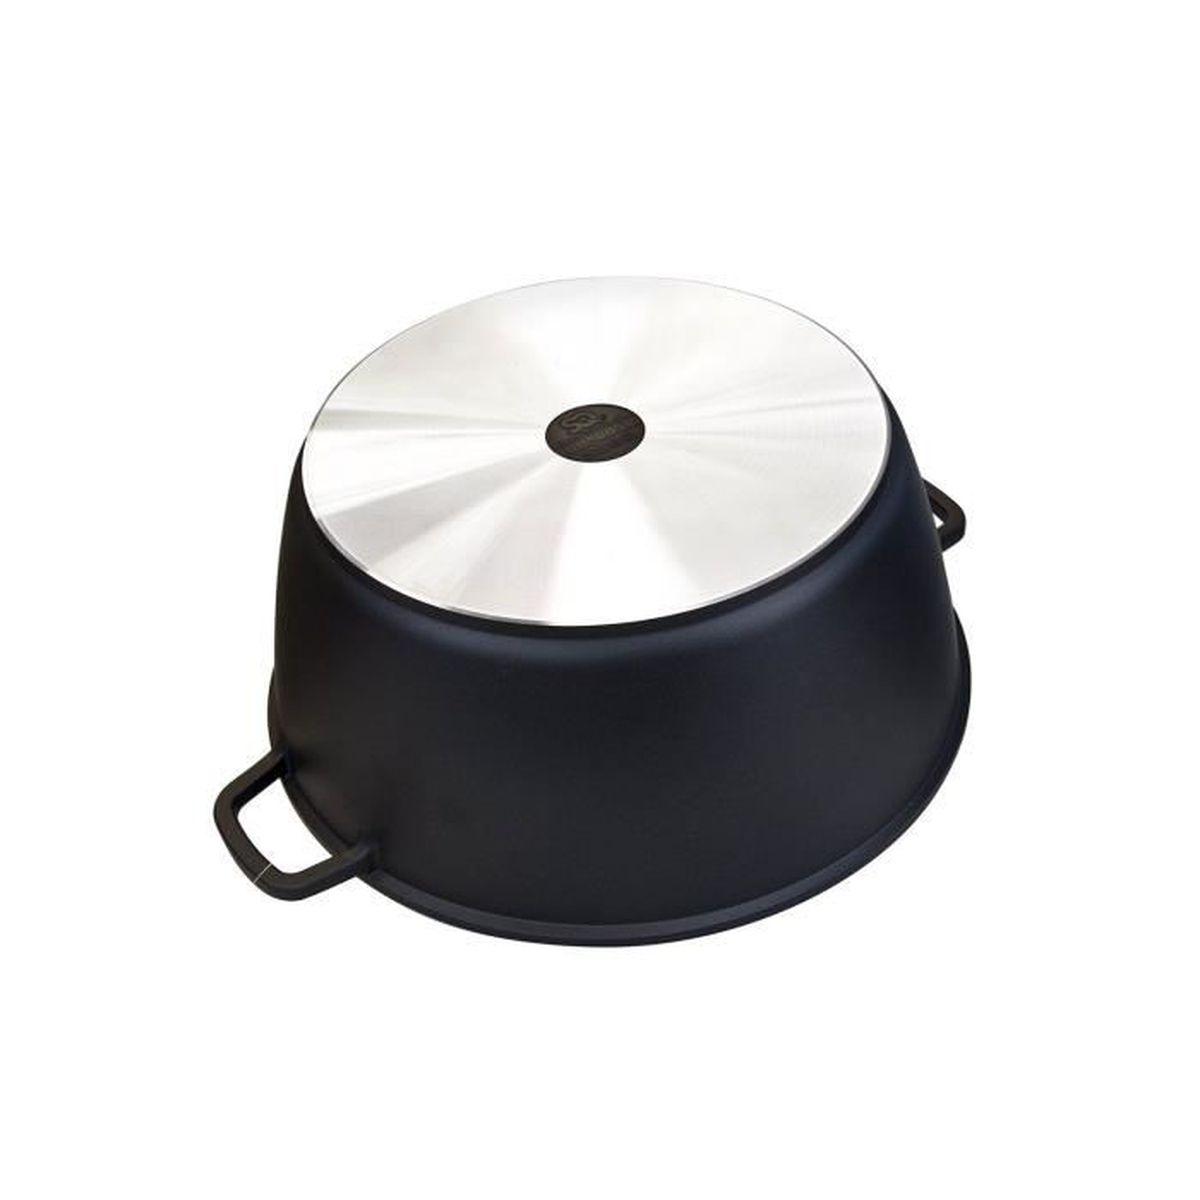 5pc Noir-Revêtement céramique Diecast cocotte Set Induction Batterie De Cuisine Noir